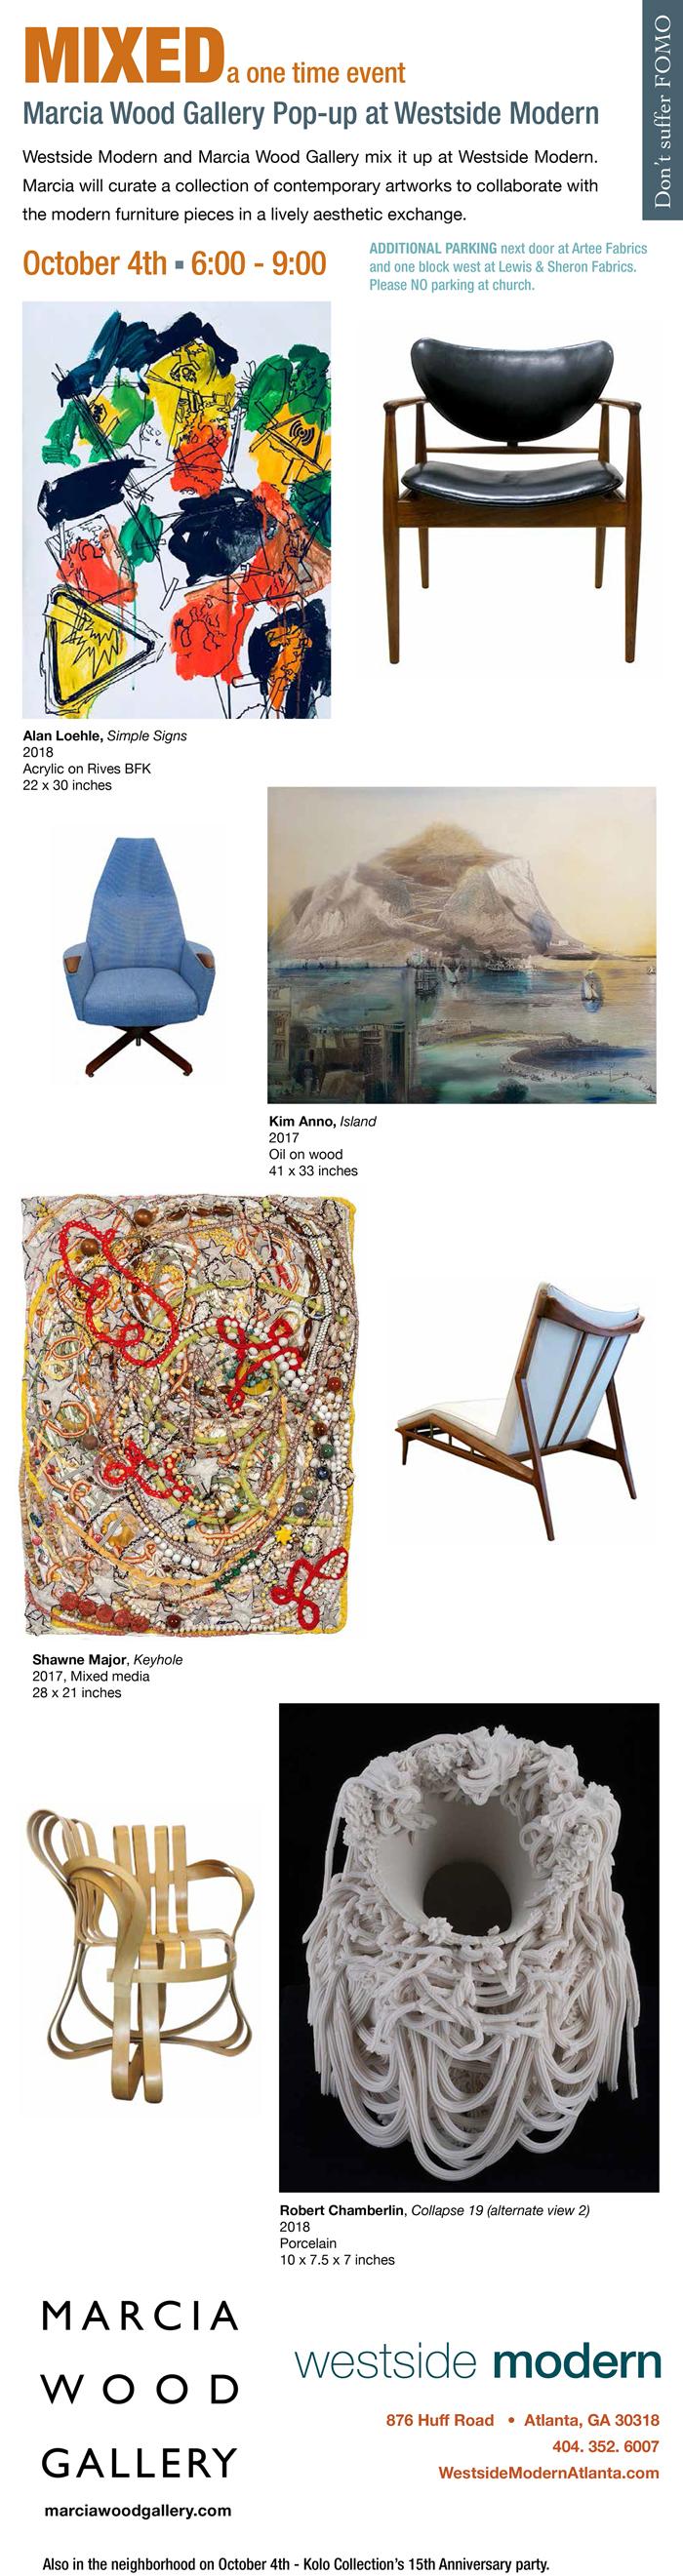 Marcia Wood Gallery emailer 4.1.jpg